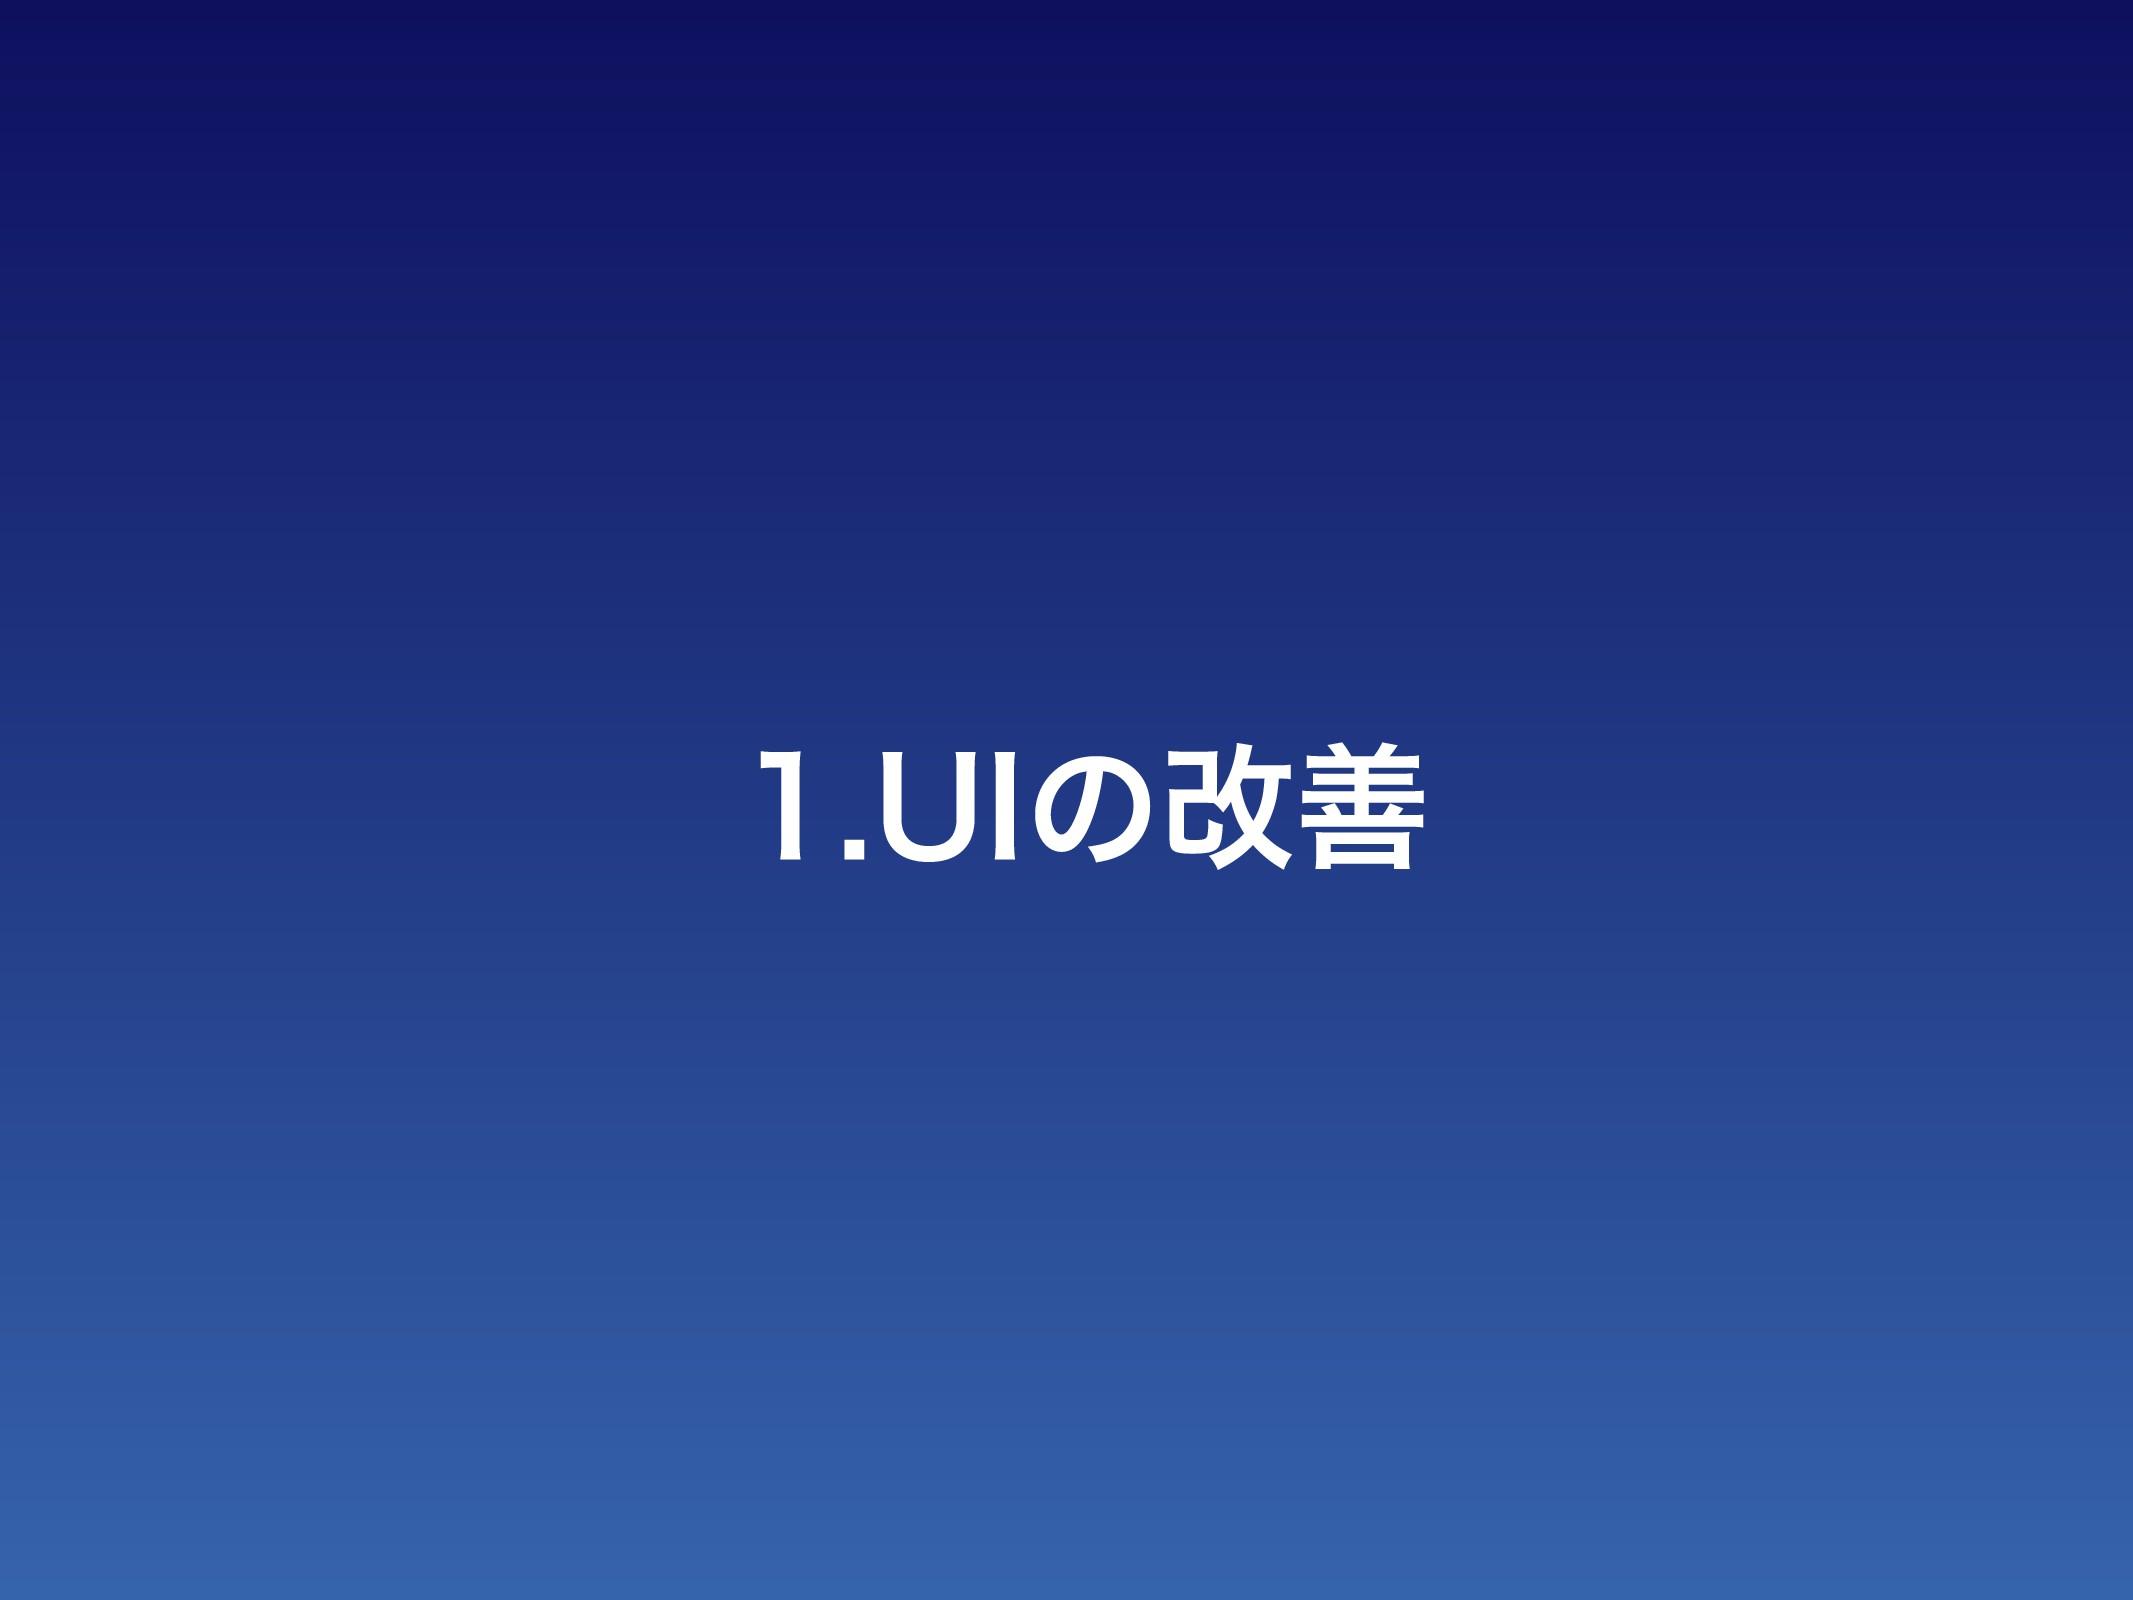 6*ͷվળ